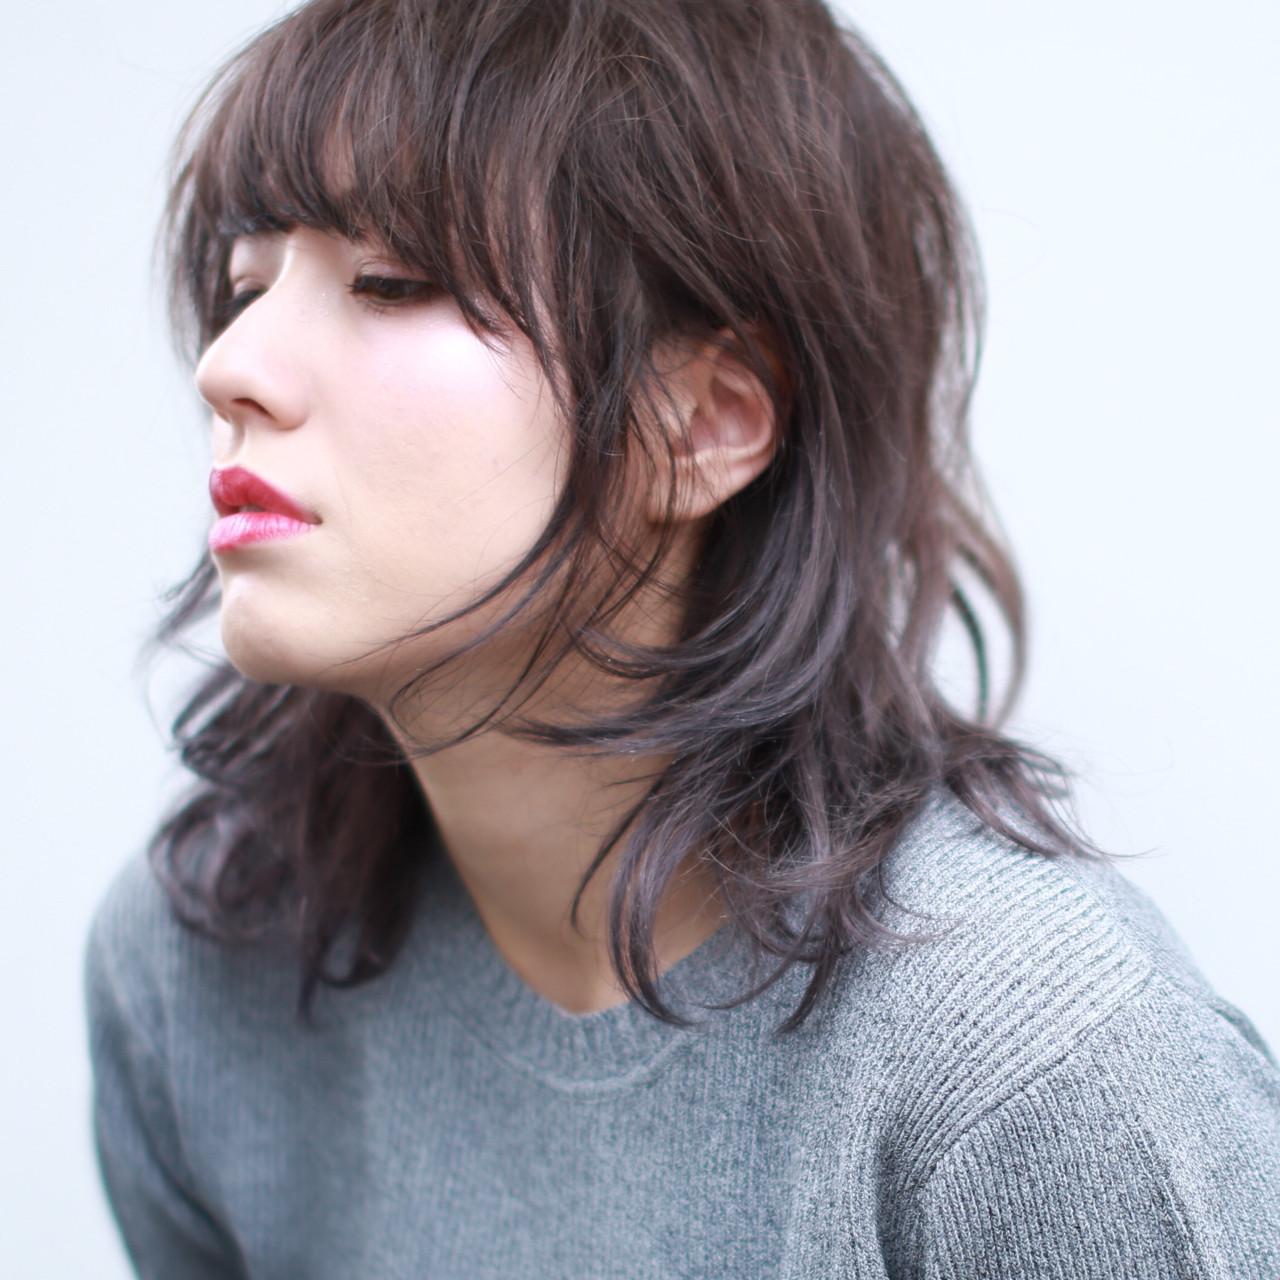 ナチュラルな無造作カールで可愛らしい大人女子に! イマムラ スナオ | hair&make JOJI